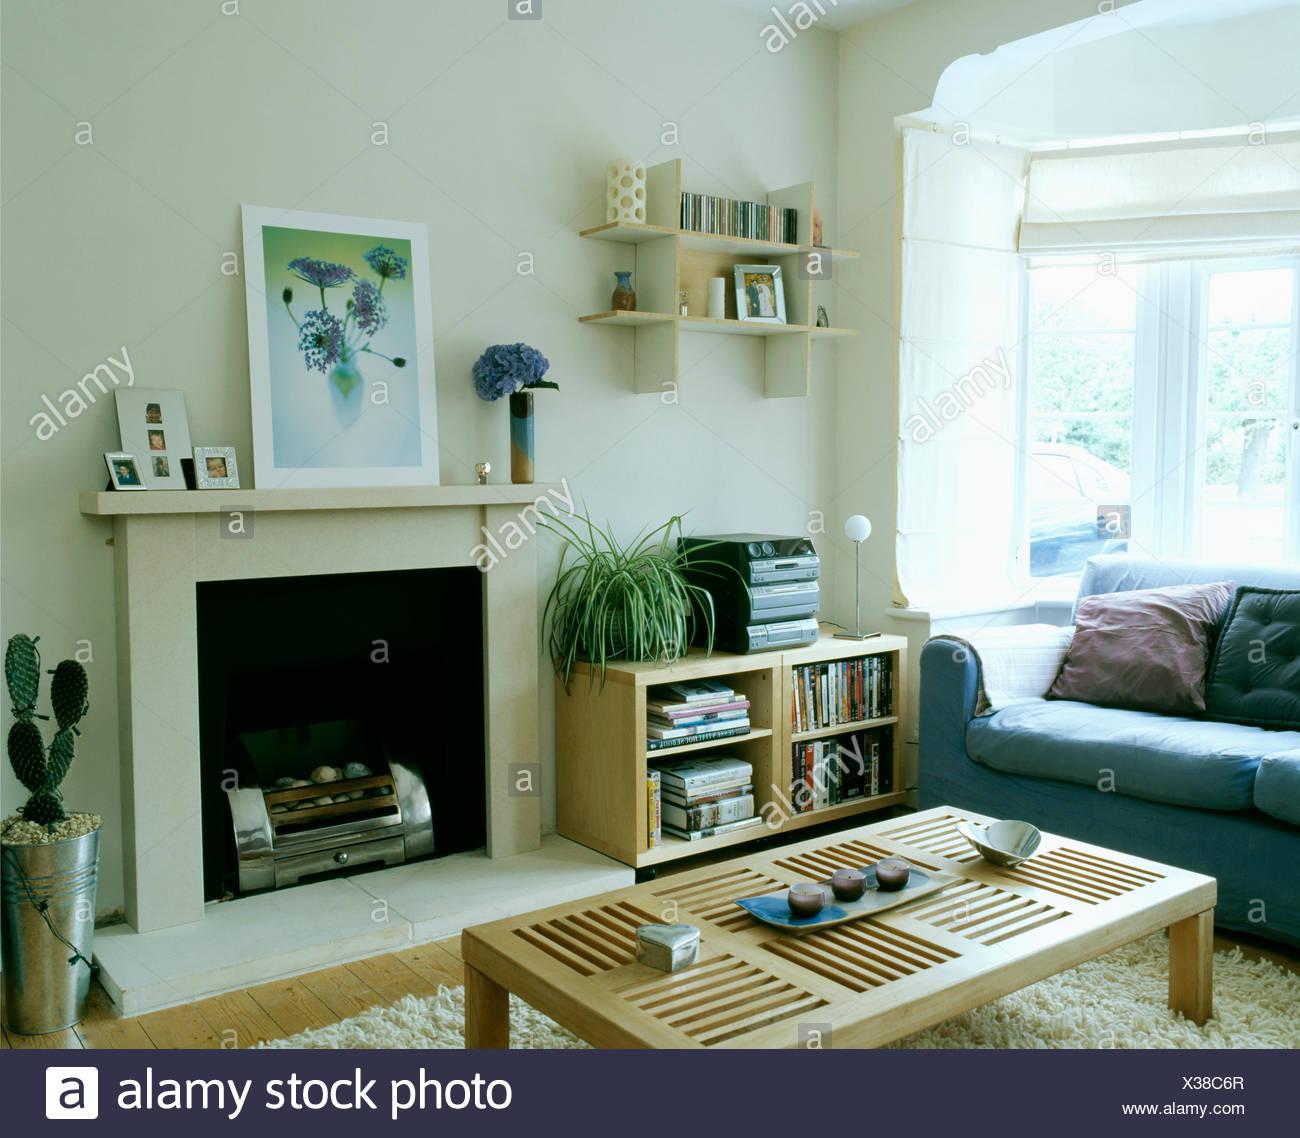 Regale Wohnzimmer Holz Good Amazing Schn Ikea Wohnzimmer Holz Regal Element Sitzbank With